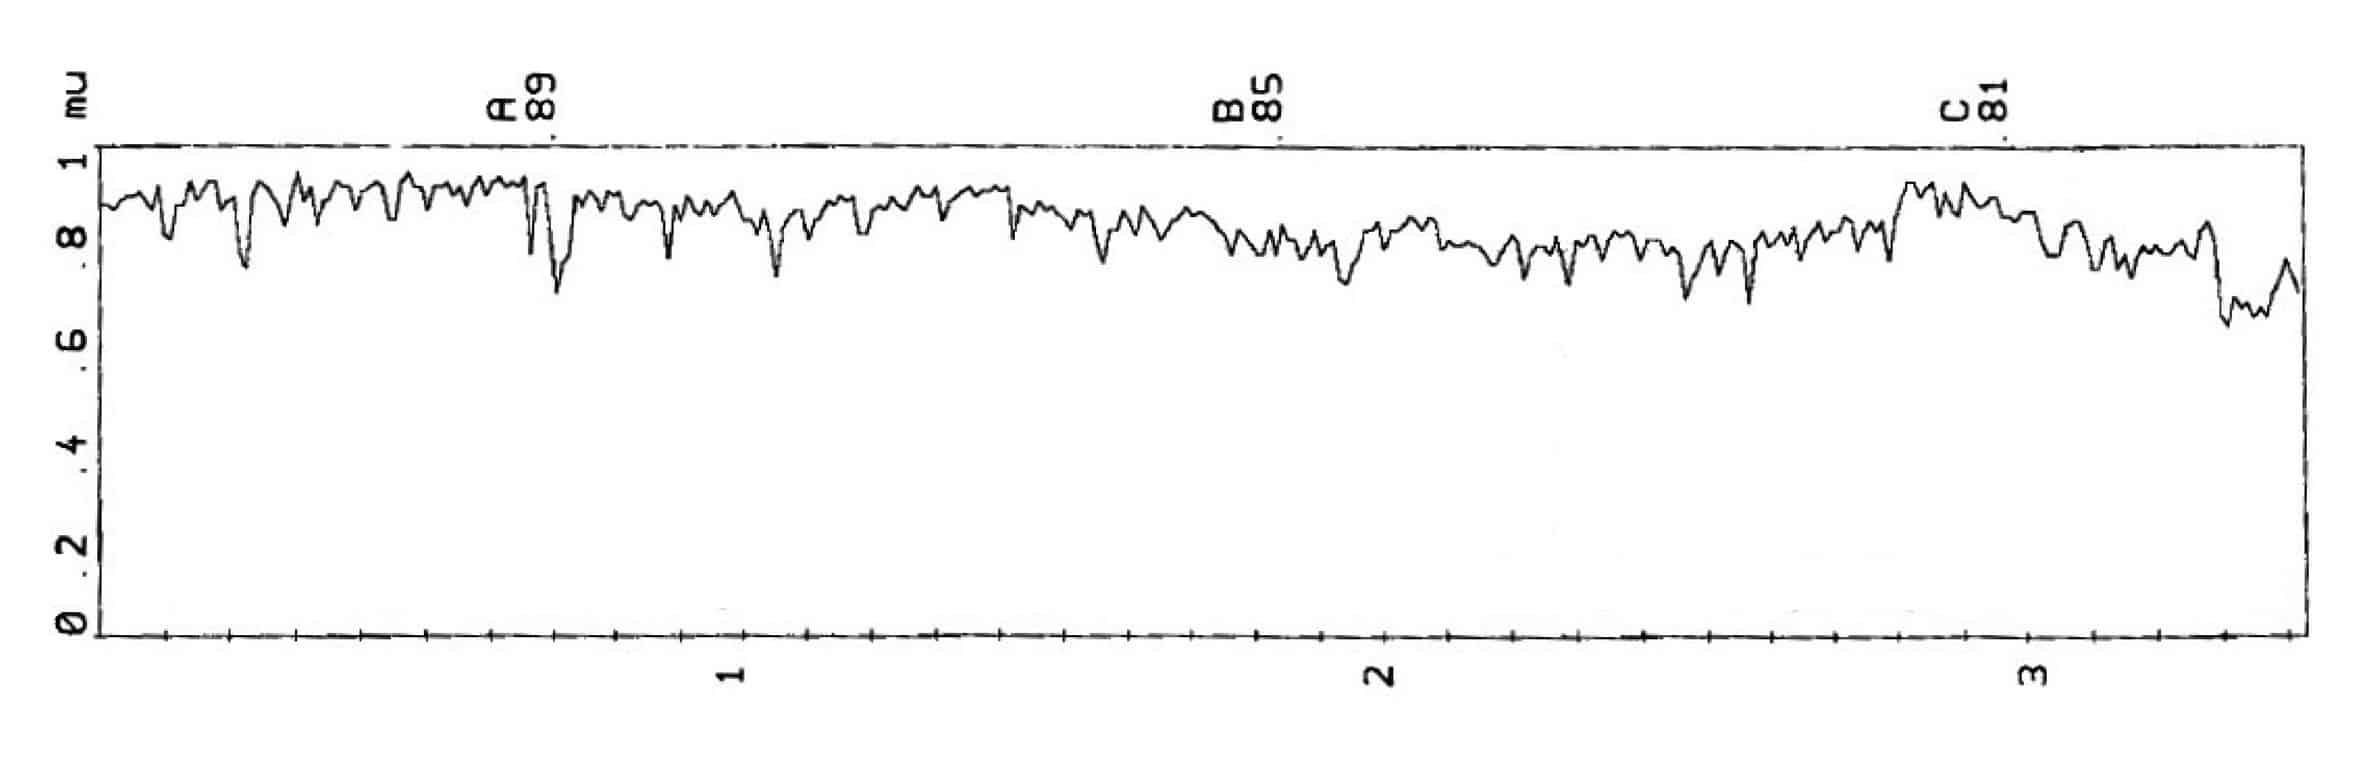 Il grafico del coefficiente di aderenza di una pista in condizioni normali (media = 0,85)